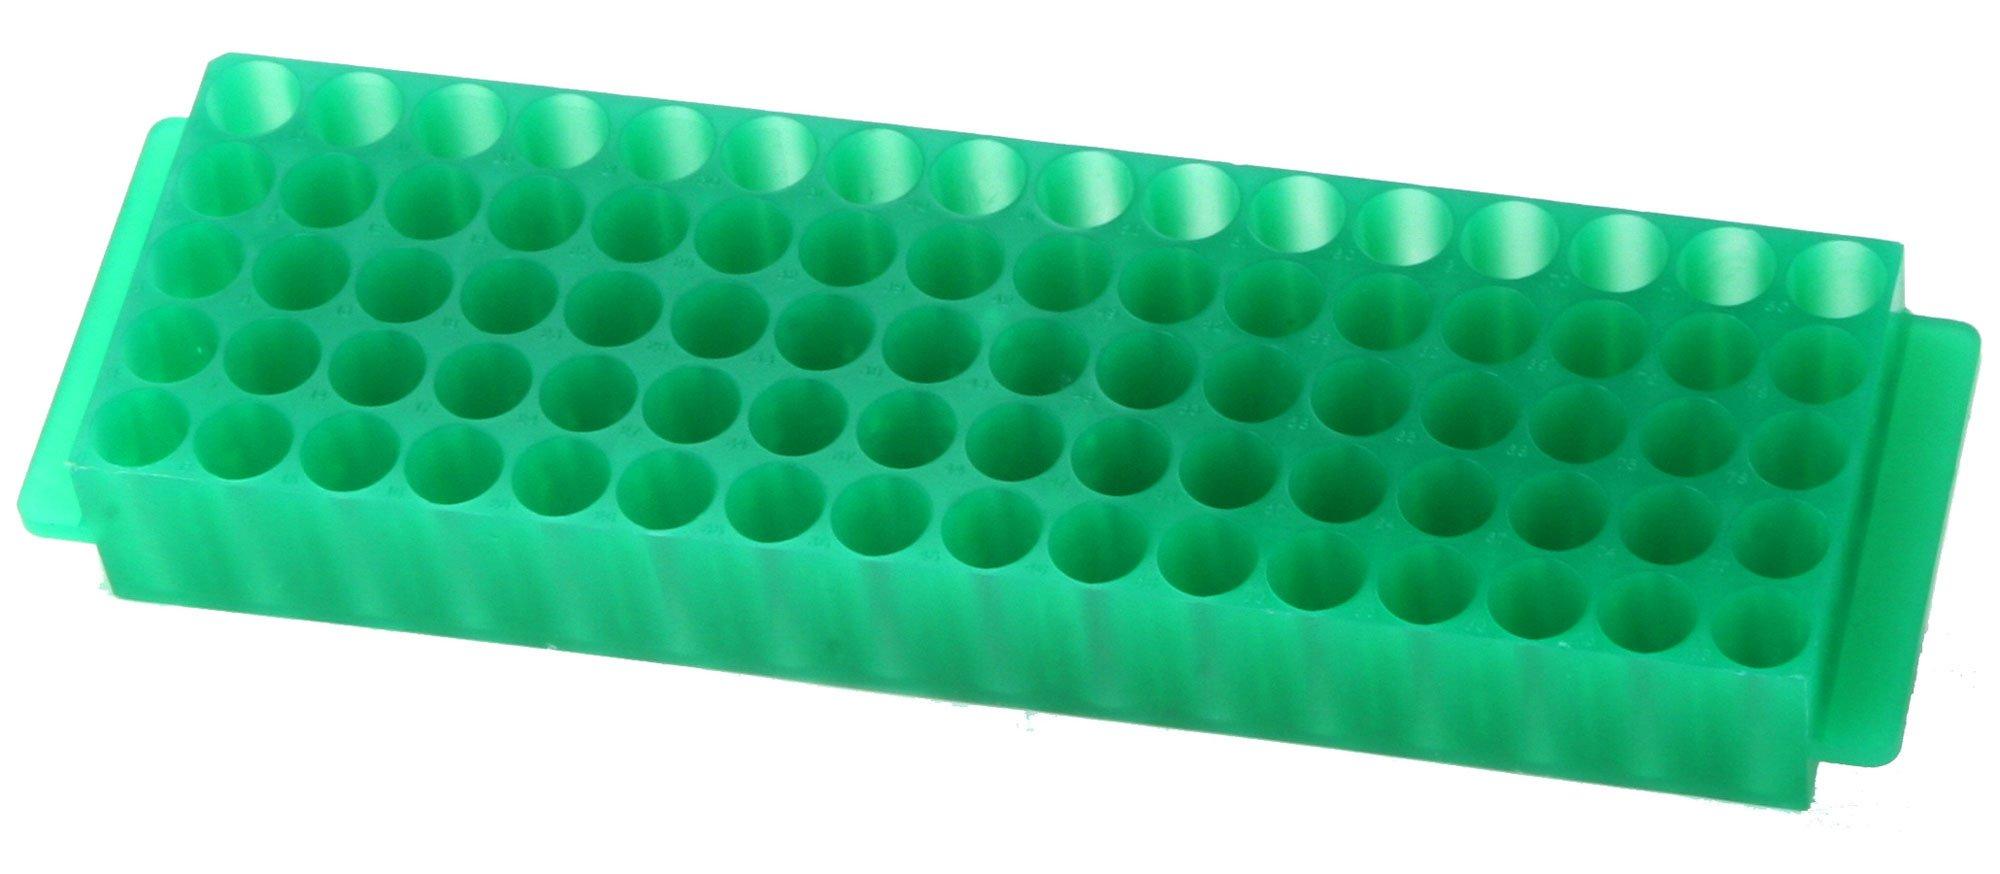 80-Well Microcentrifuge Tube Rack - Green